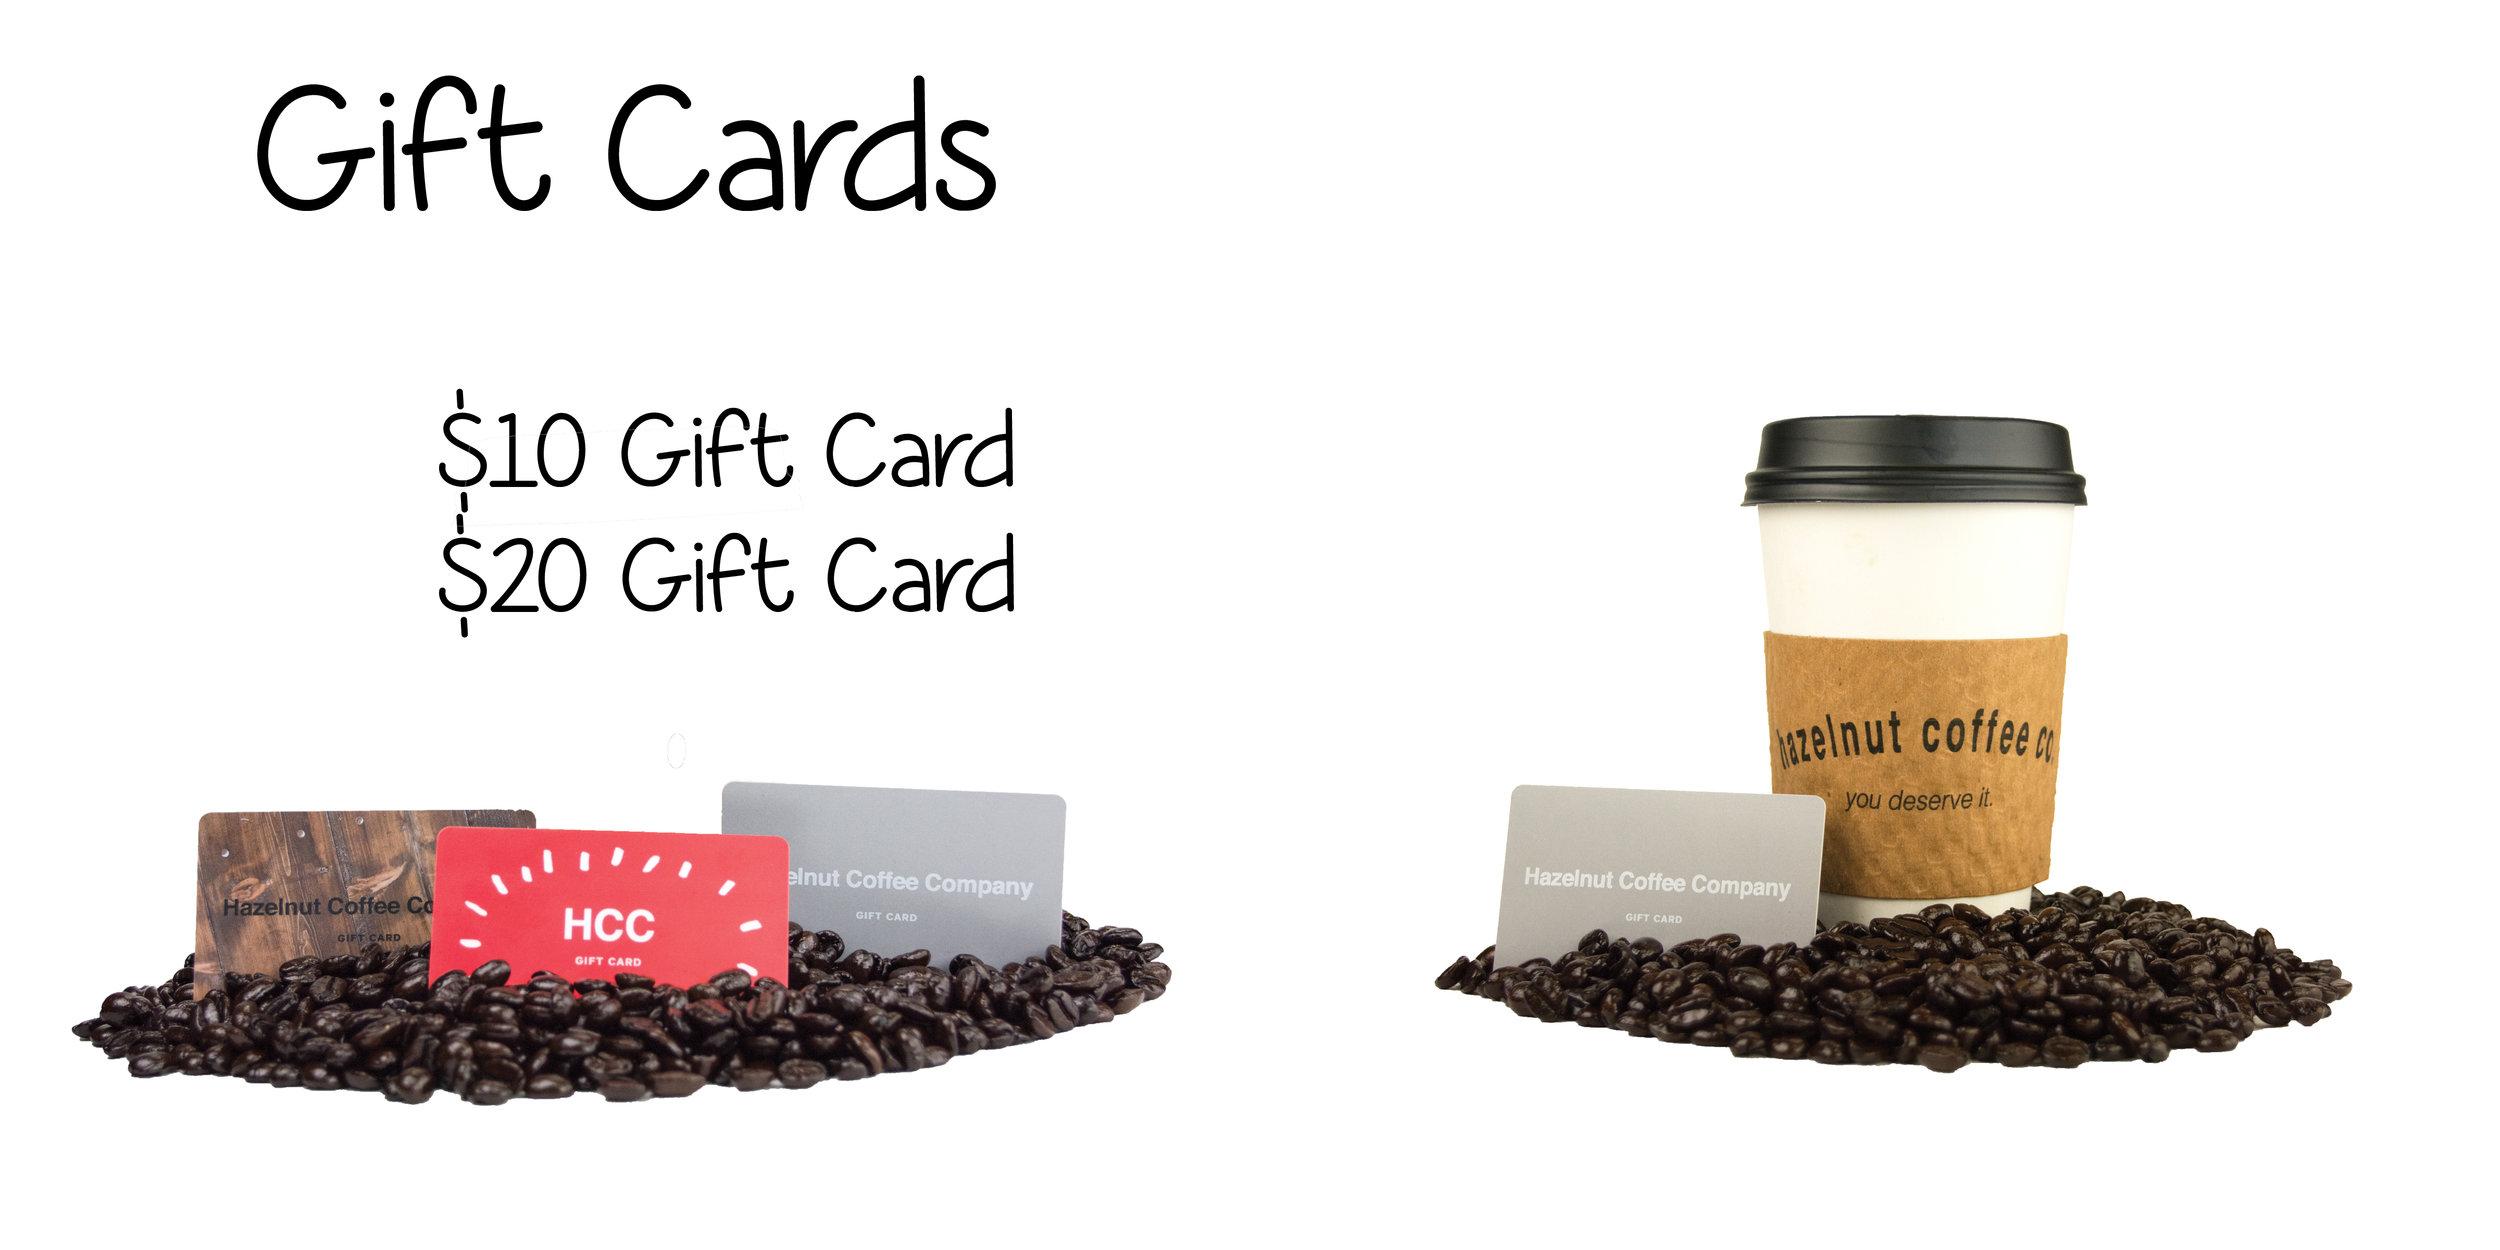 Springer_CoffeeCatalog6.jpg